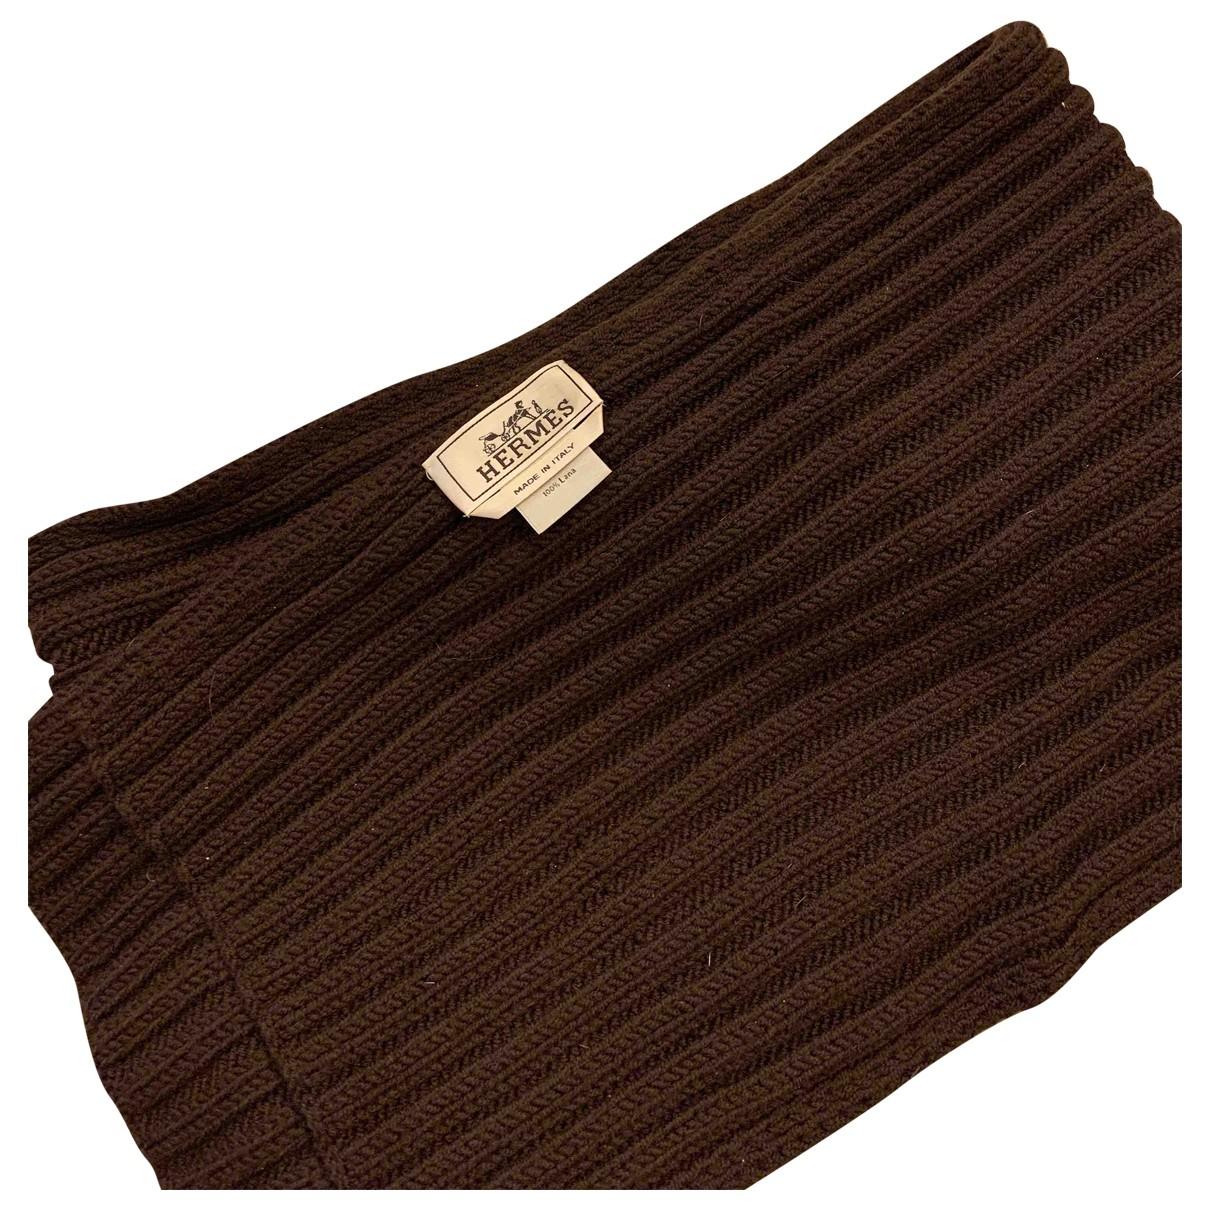 Hermes - Cheches.Echarpes   pour homme en laine - marron